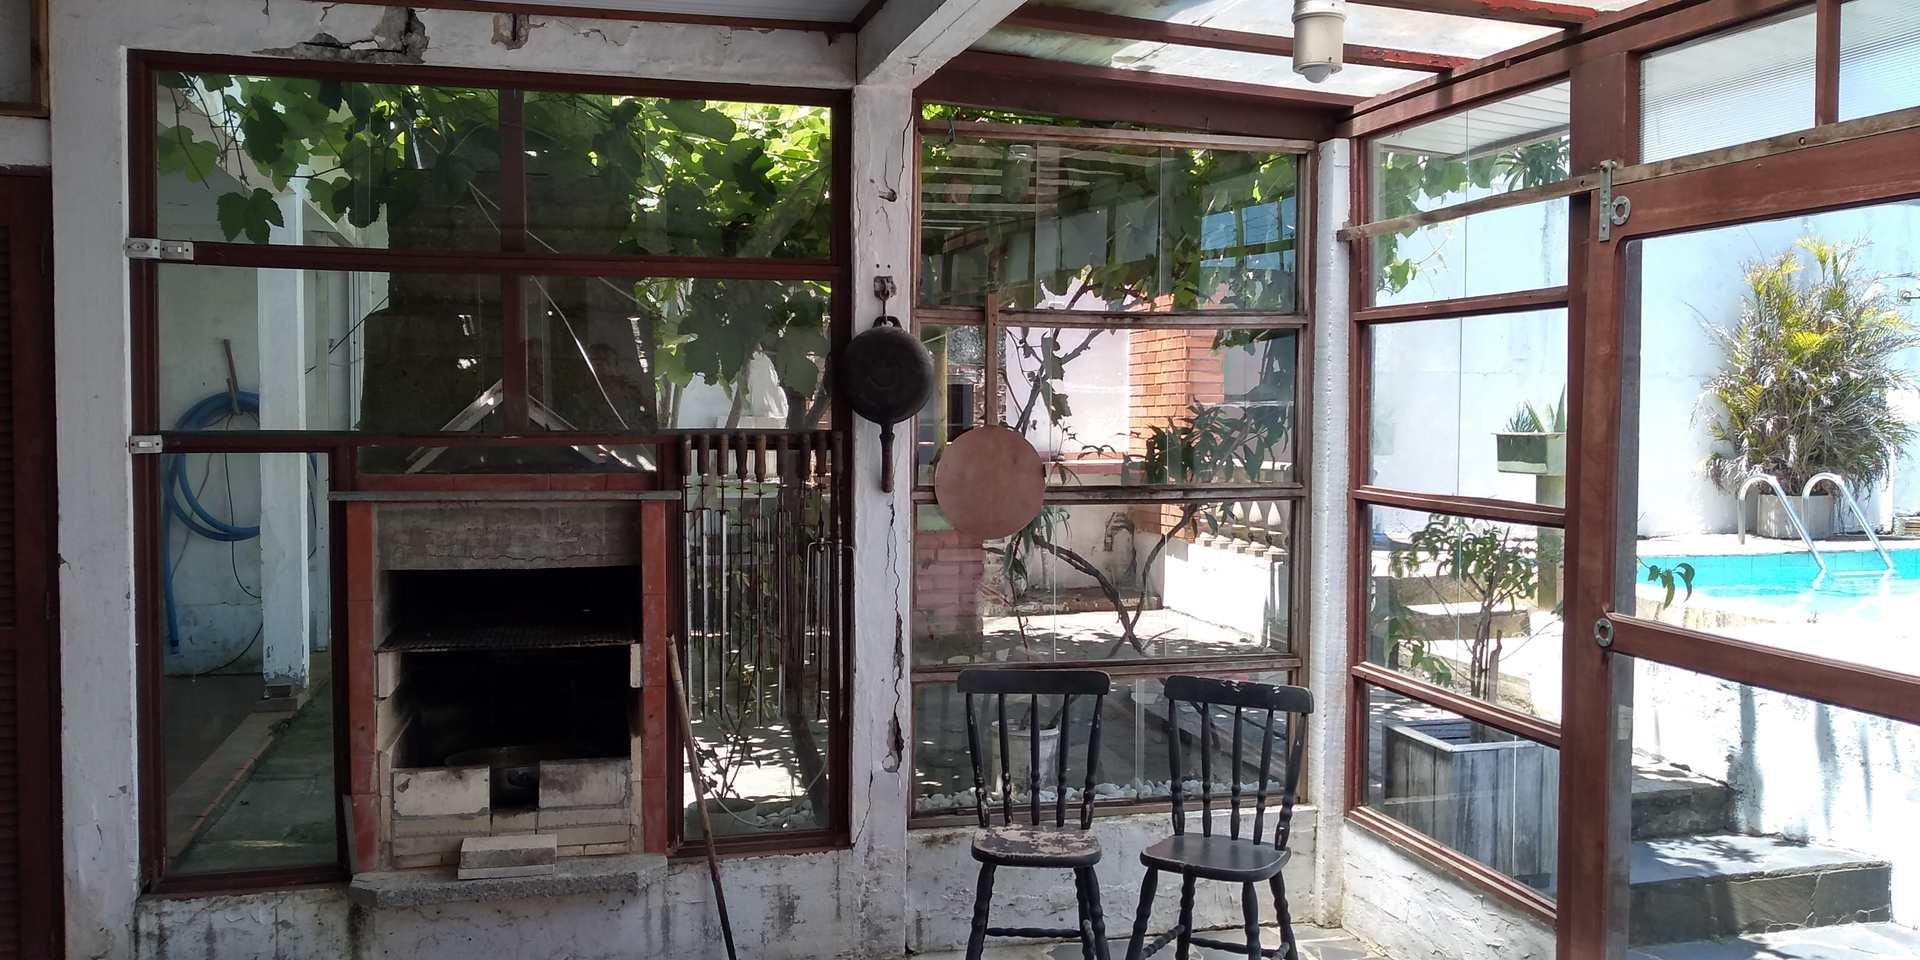 Casa com 3 dorms, Cassino, + com Piscina e Internet